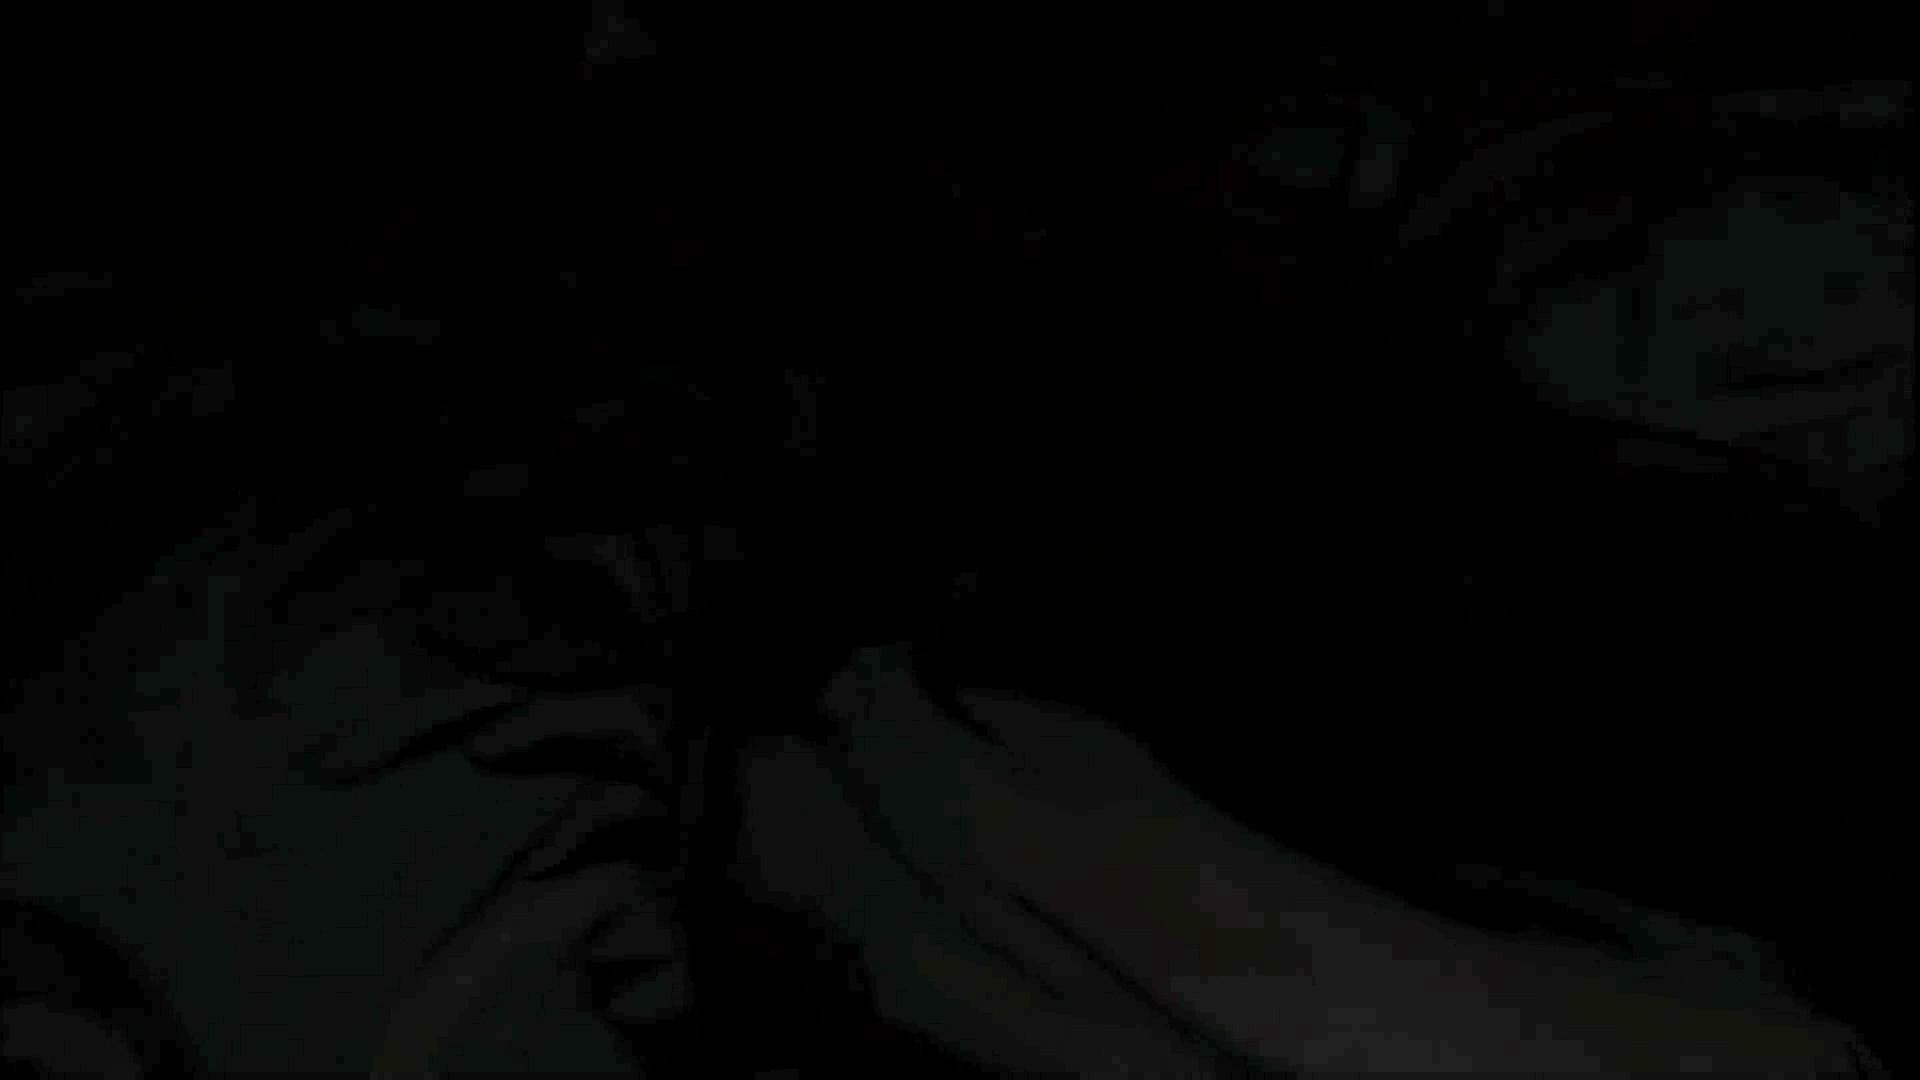 イカせ屋 Vol.08 イケメン・パラダイス ゲイエロビデオ画像 75画像 22